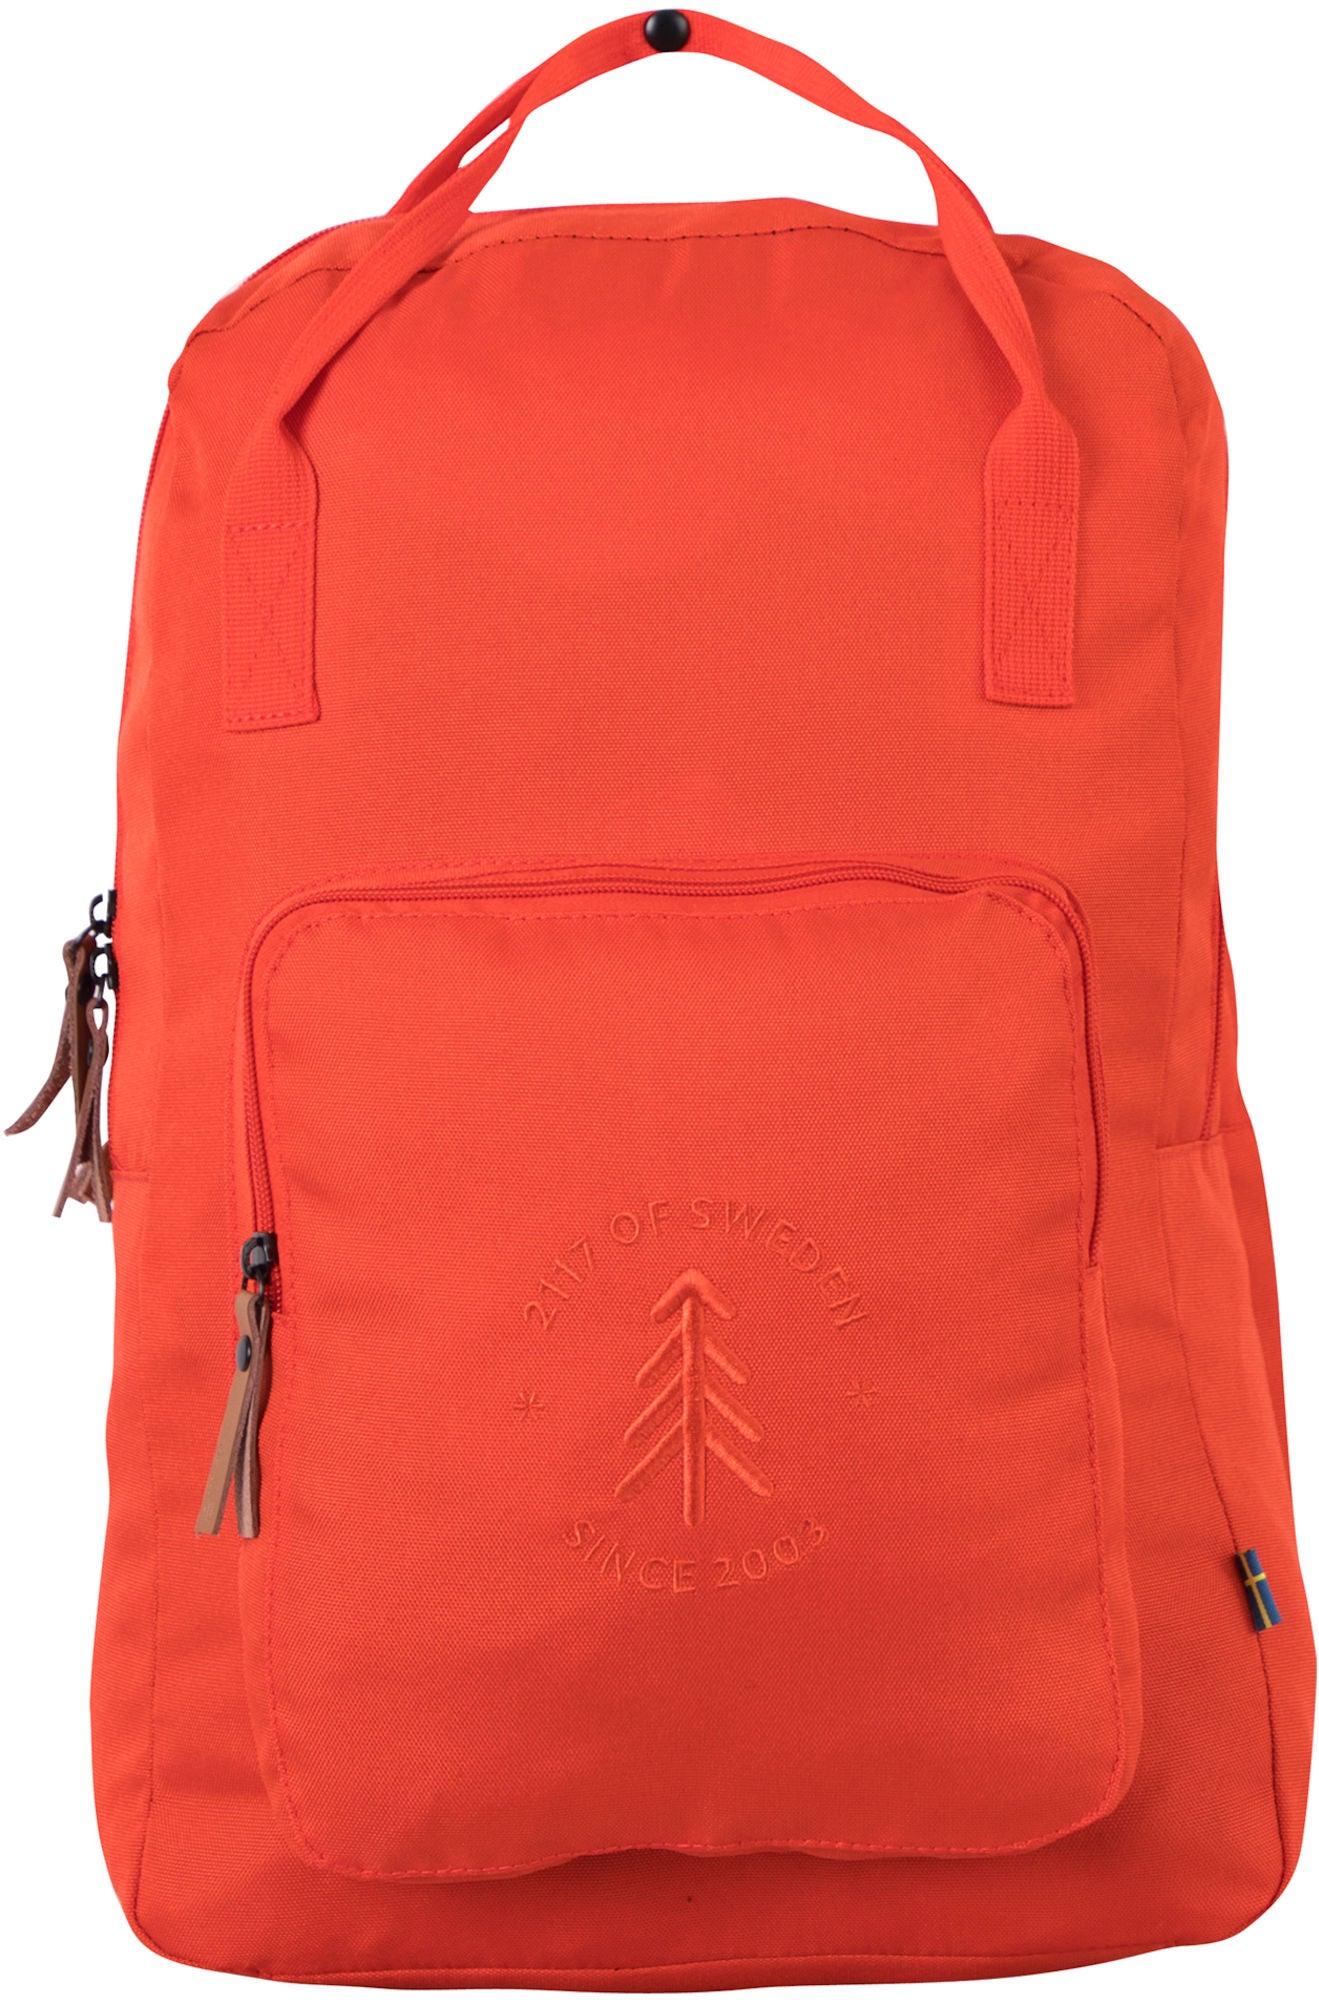 2117 Stevik Ryggsekk 27L, Orange